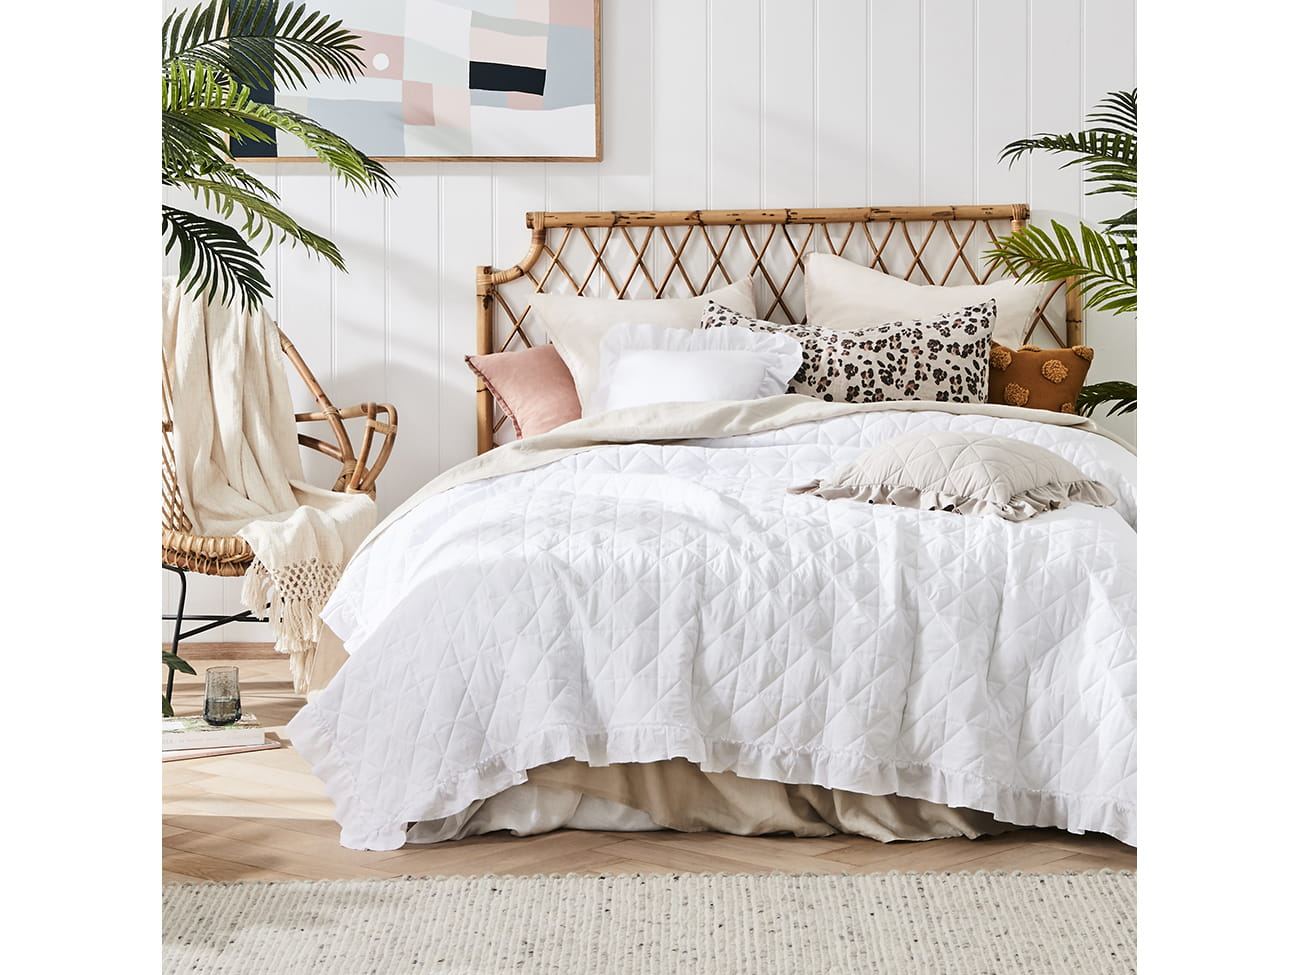 Prehoz na posteľ HAVANA White 220x240 cm (prikrývka na posteľ)